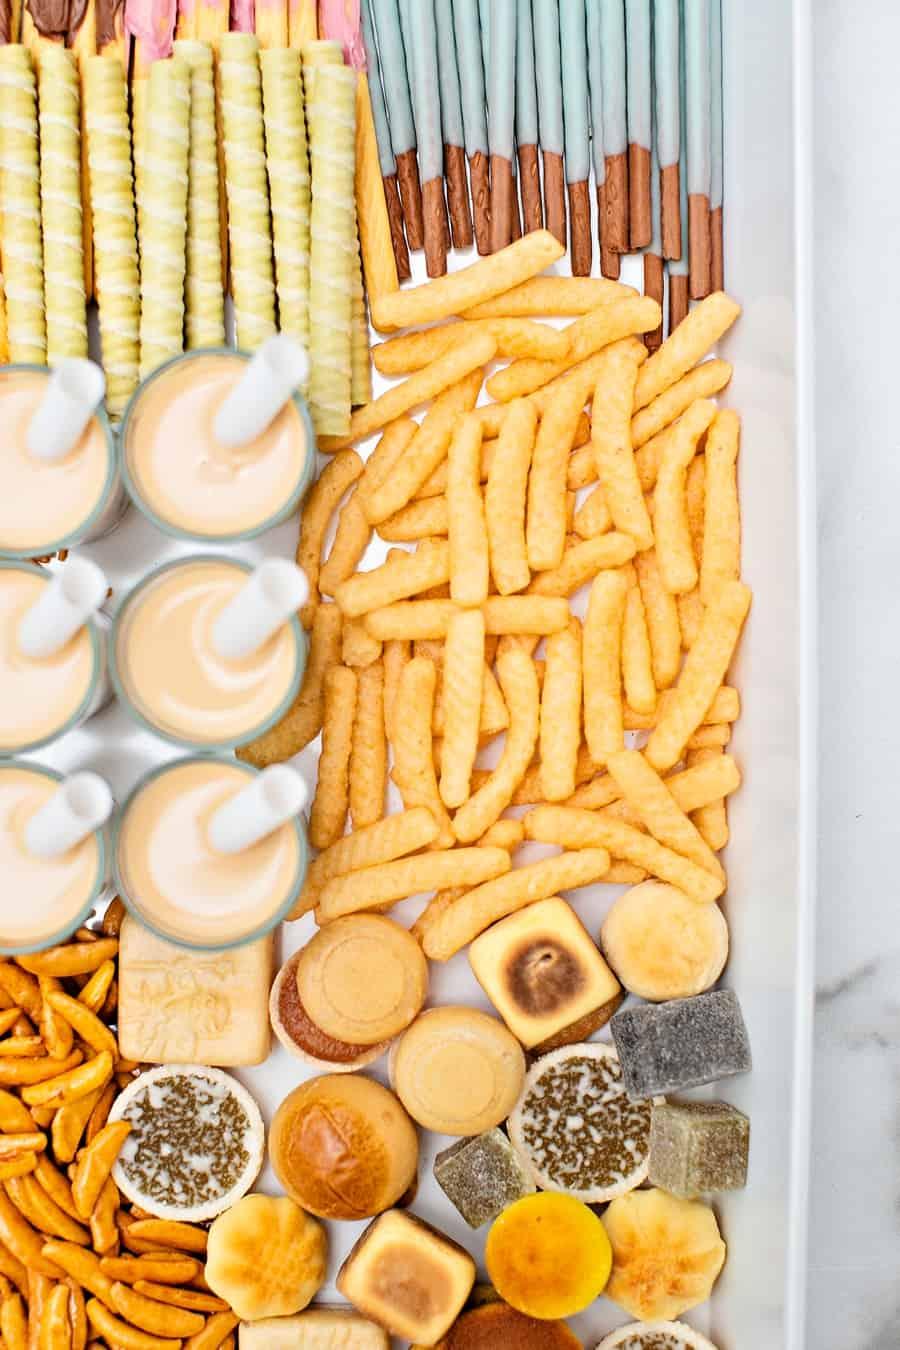 Asian Snack Board